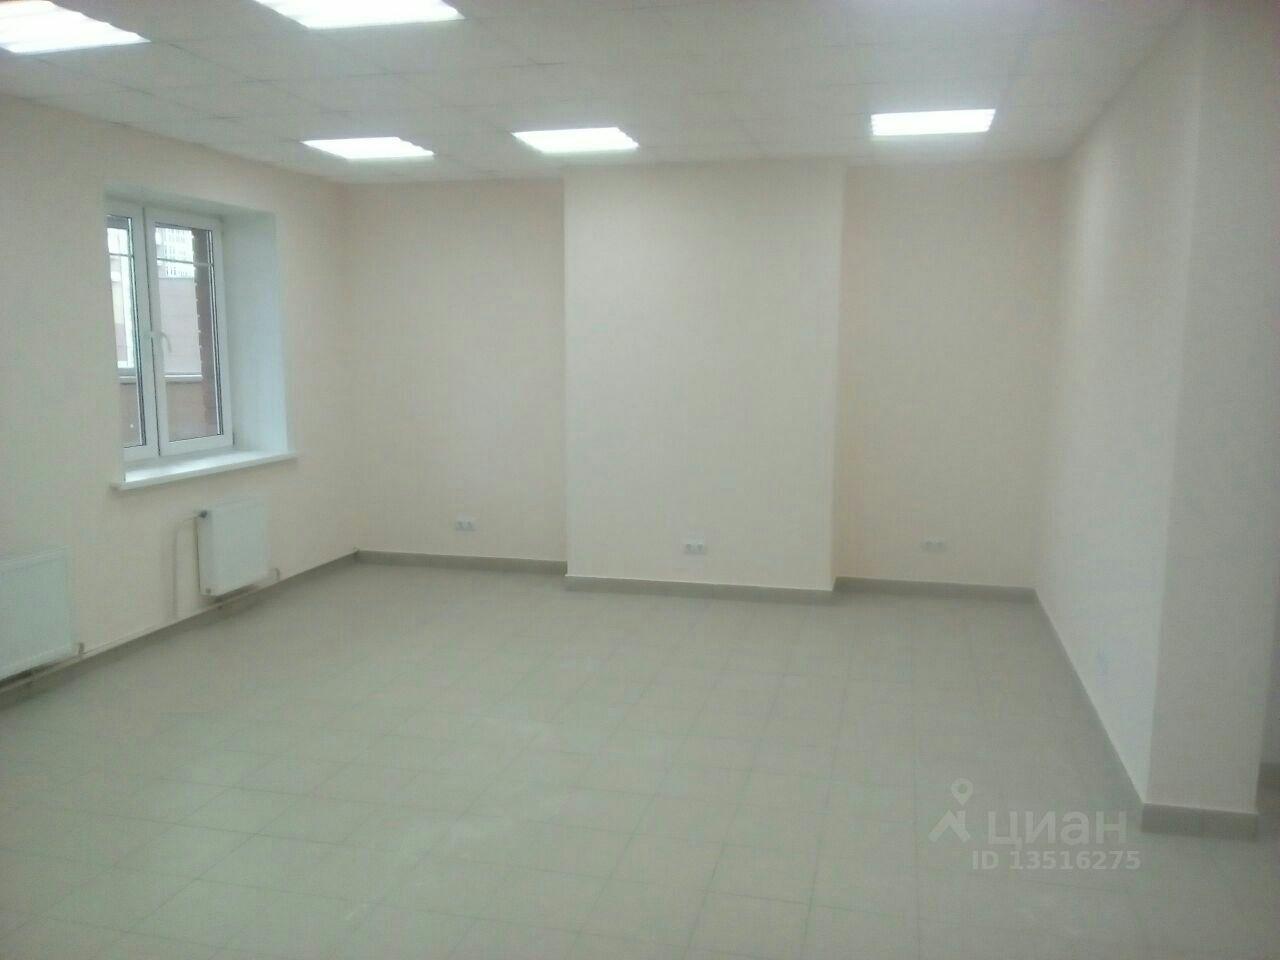 Аренда офиса 4м в казани залоговая коммерческая недвижимость днепропетровск 2011